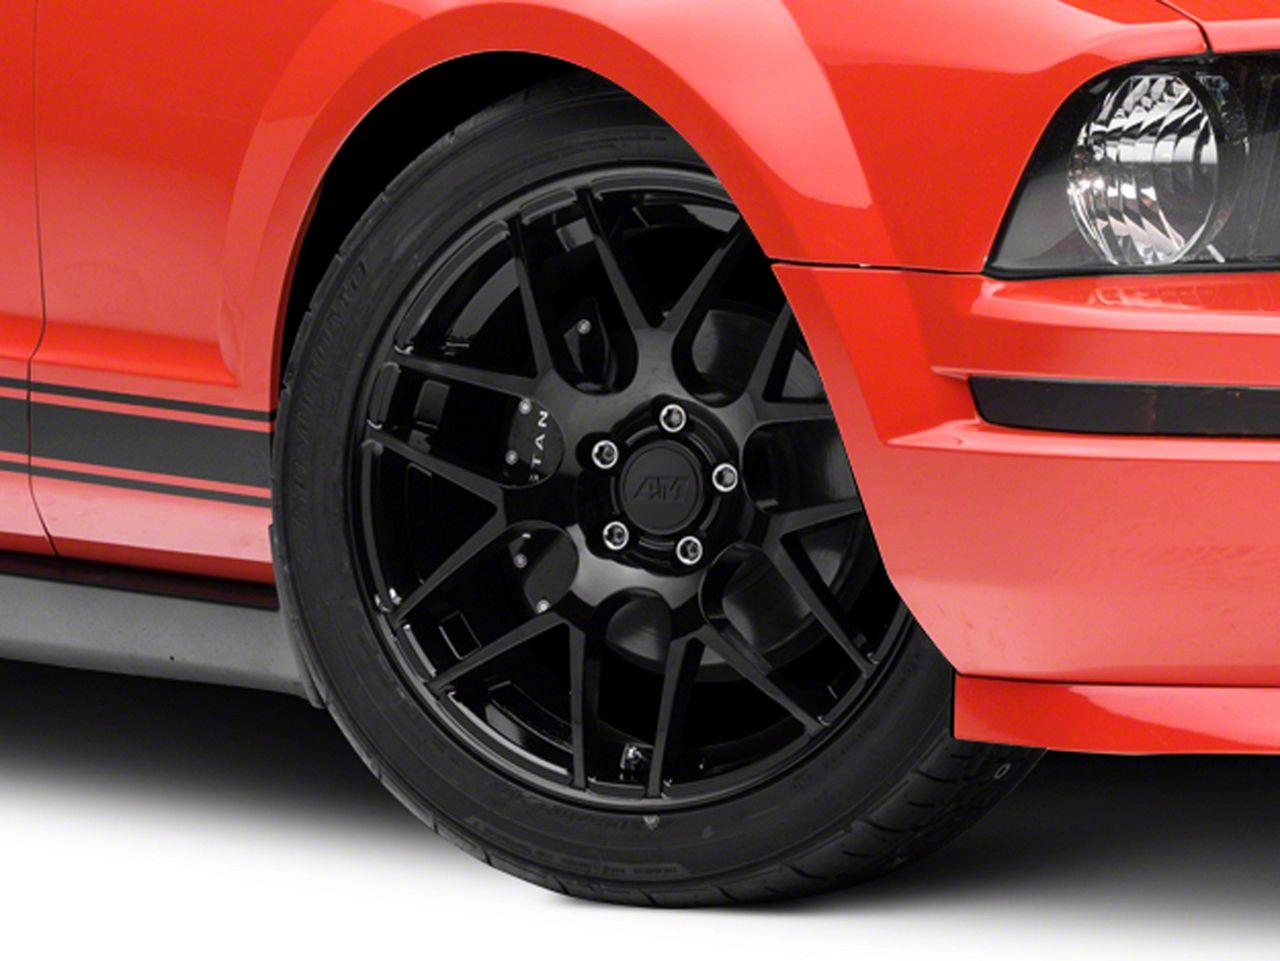 Add AMR Black Wheel - 19x8.5